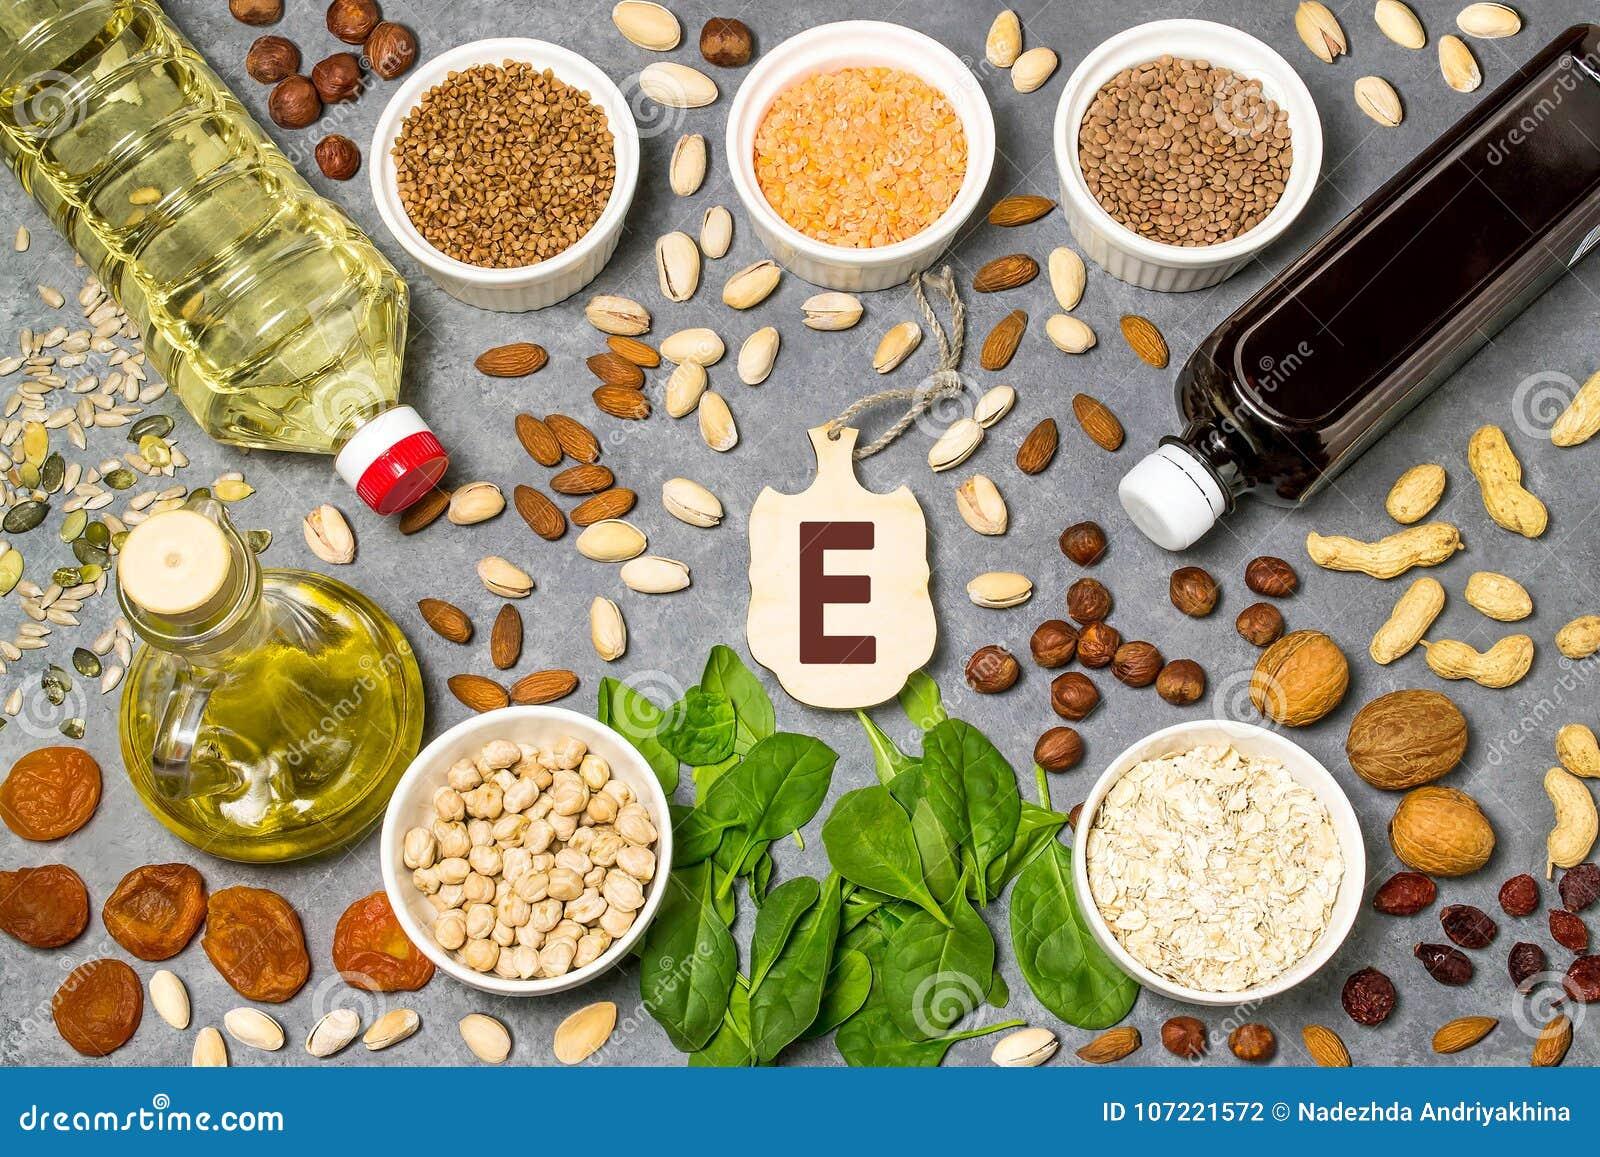 Еда источник витамина e